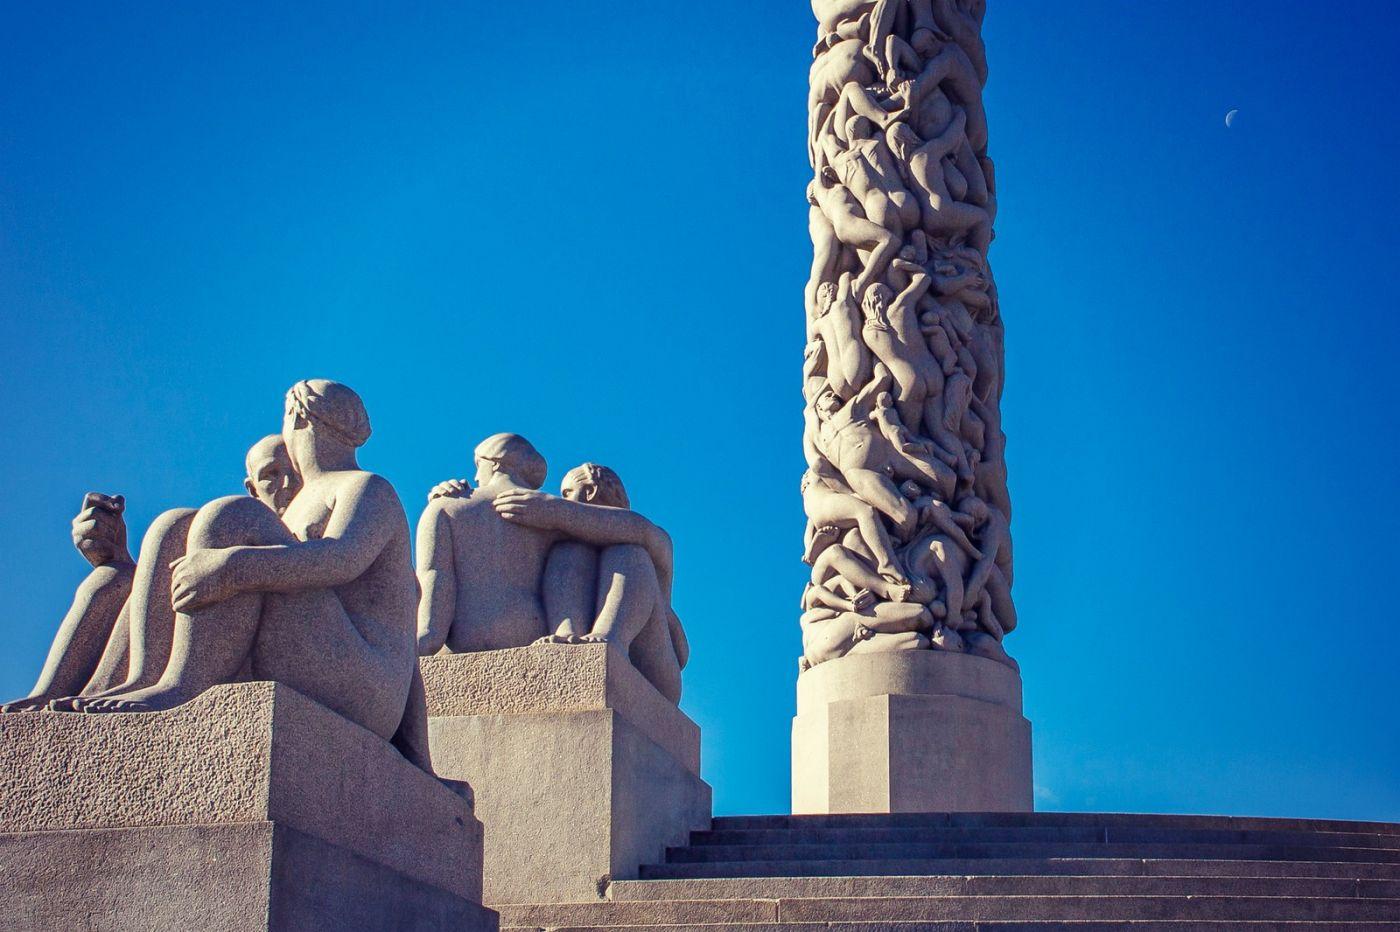 挪威维格兰雕塑公园,风格明显_图1-19